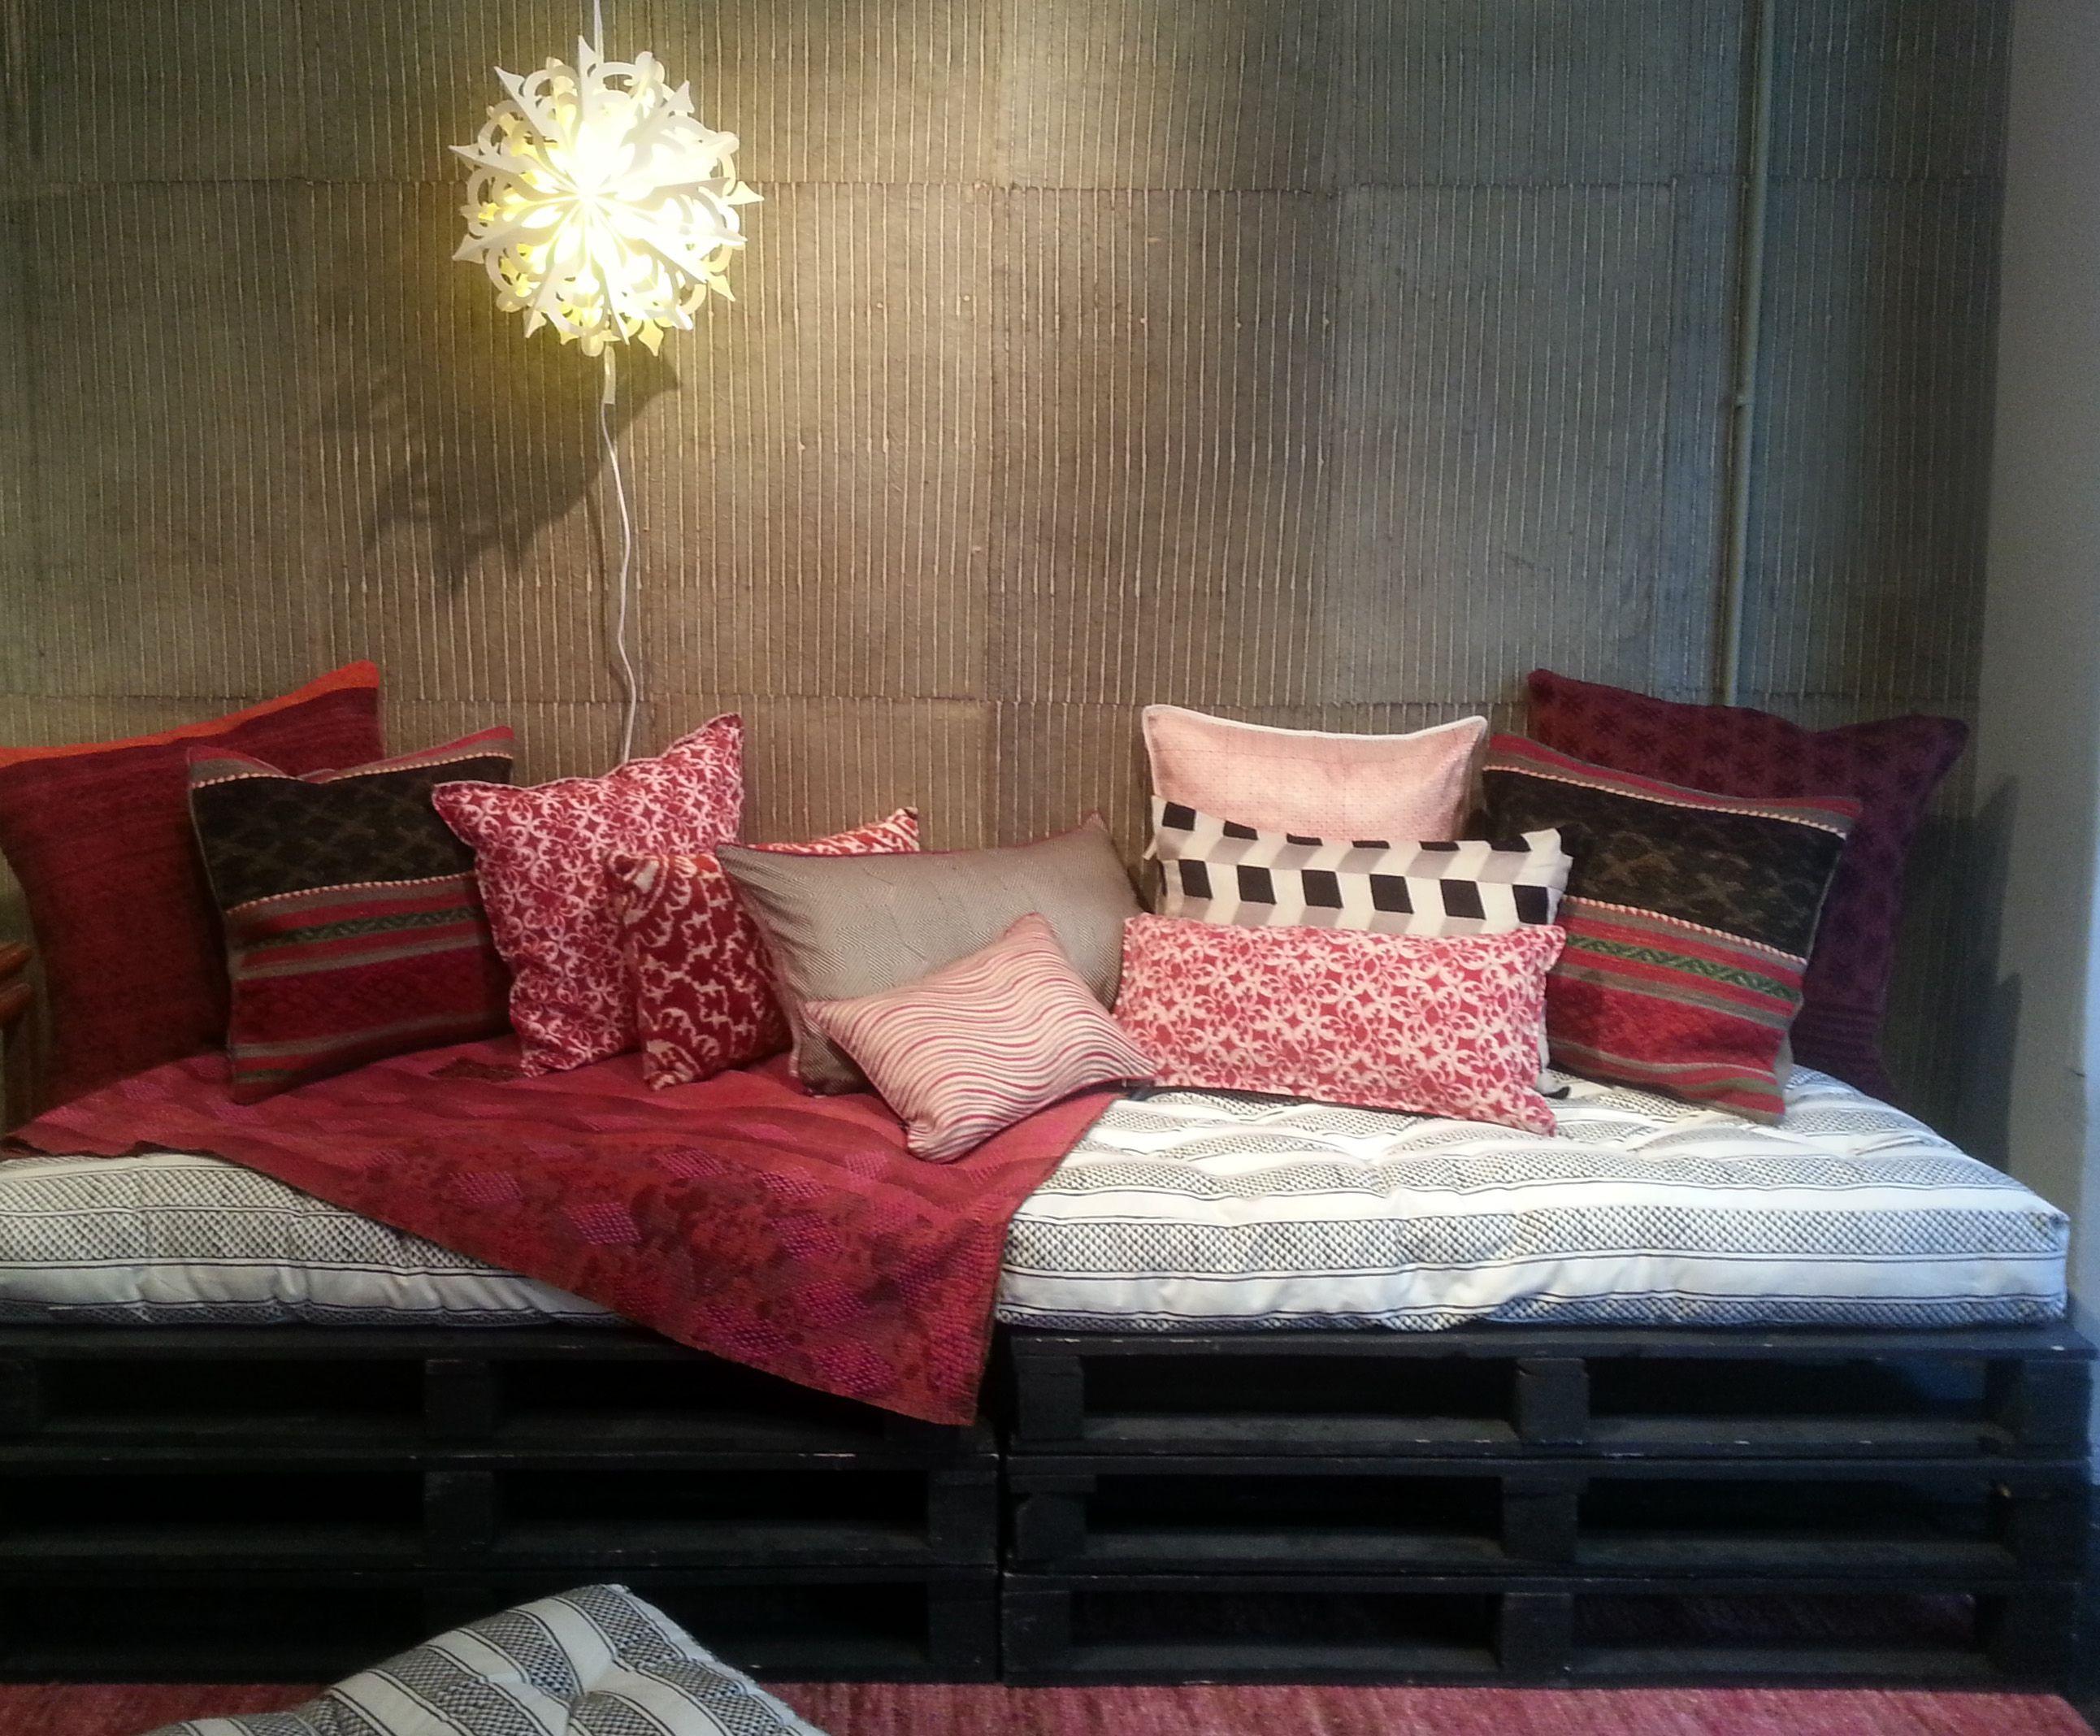 coussin crate et petits coussins japonais le monde sauvage mobilier pinterest monde. Black Bedroom Furniture Sets. Home Design Ideas